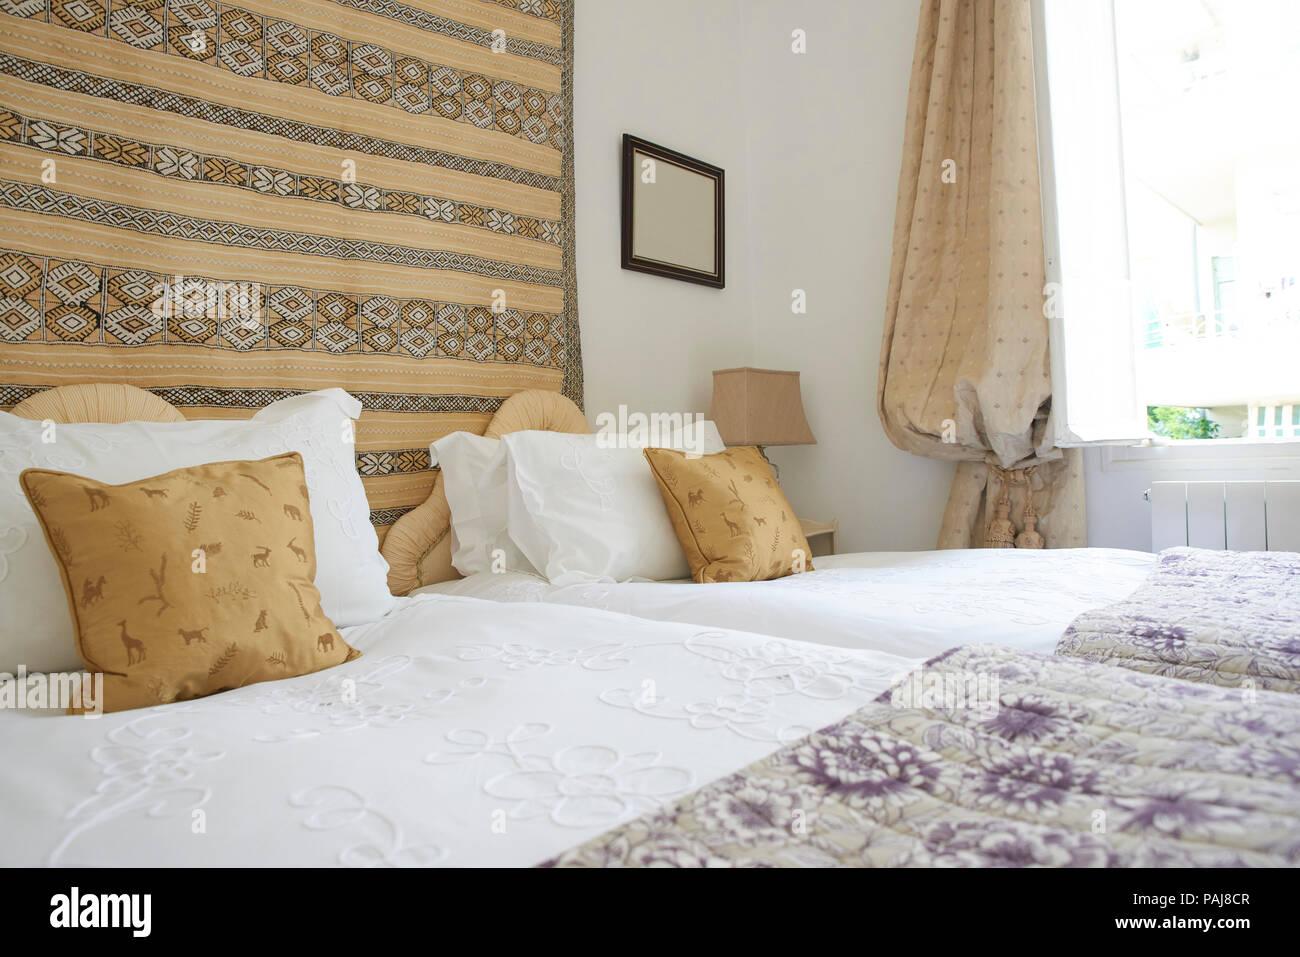 Gemütliches Schlafzimmer mit Doppelbett. Bettwäsche und Decke auf ...